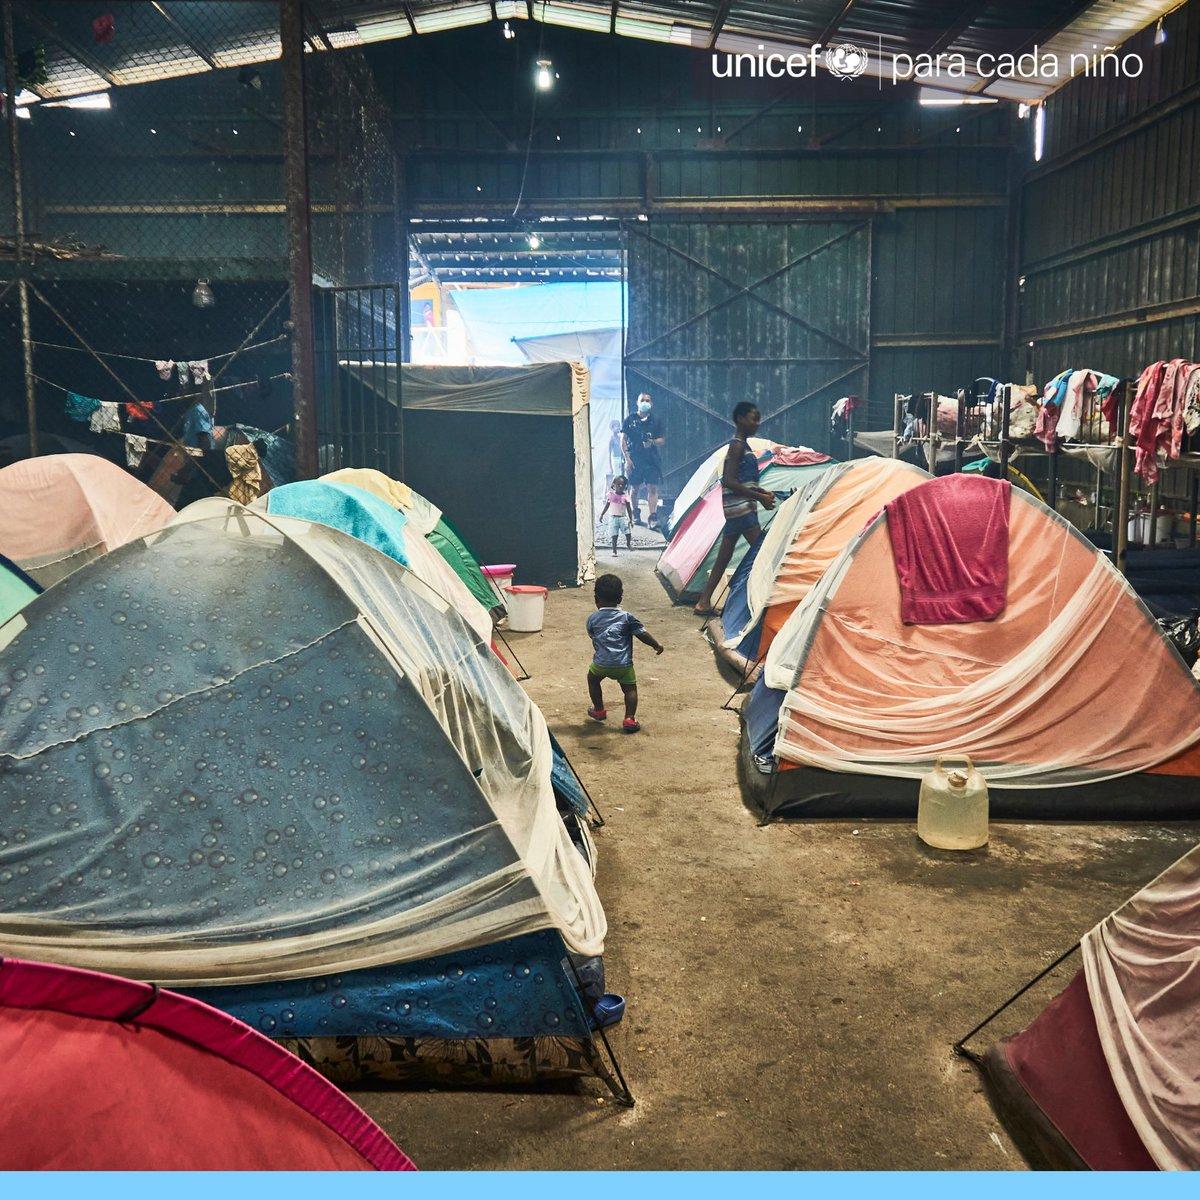 #Hoy se conmemora el Día Internacional del Migrante. 💙  #Panamá es un país de origen, tránsito y destino de migrantes. Durante las medidas de confinamiento por la pandemia con #COVID muchas personas 👦 y 👧 migrantes quedaron atrapadas en los países.   #AnteTodoSonNiños